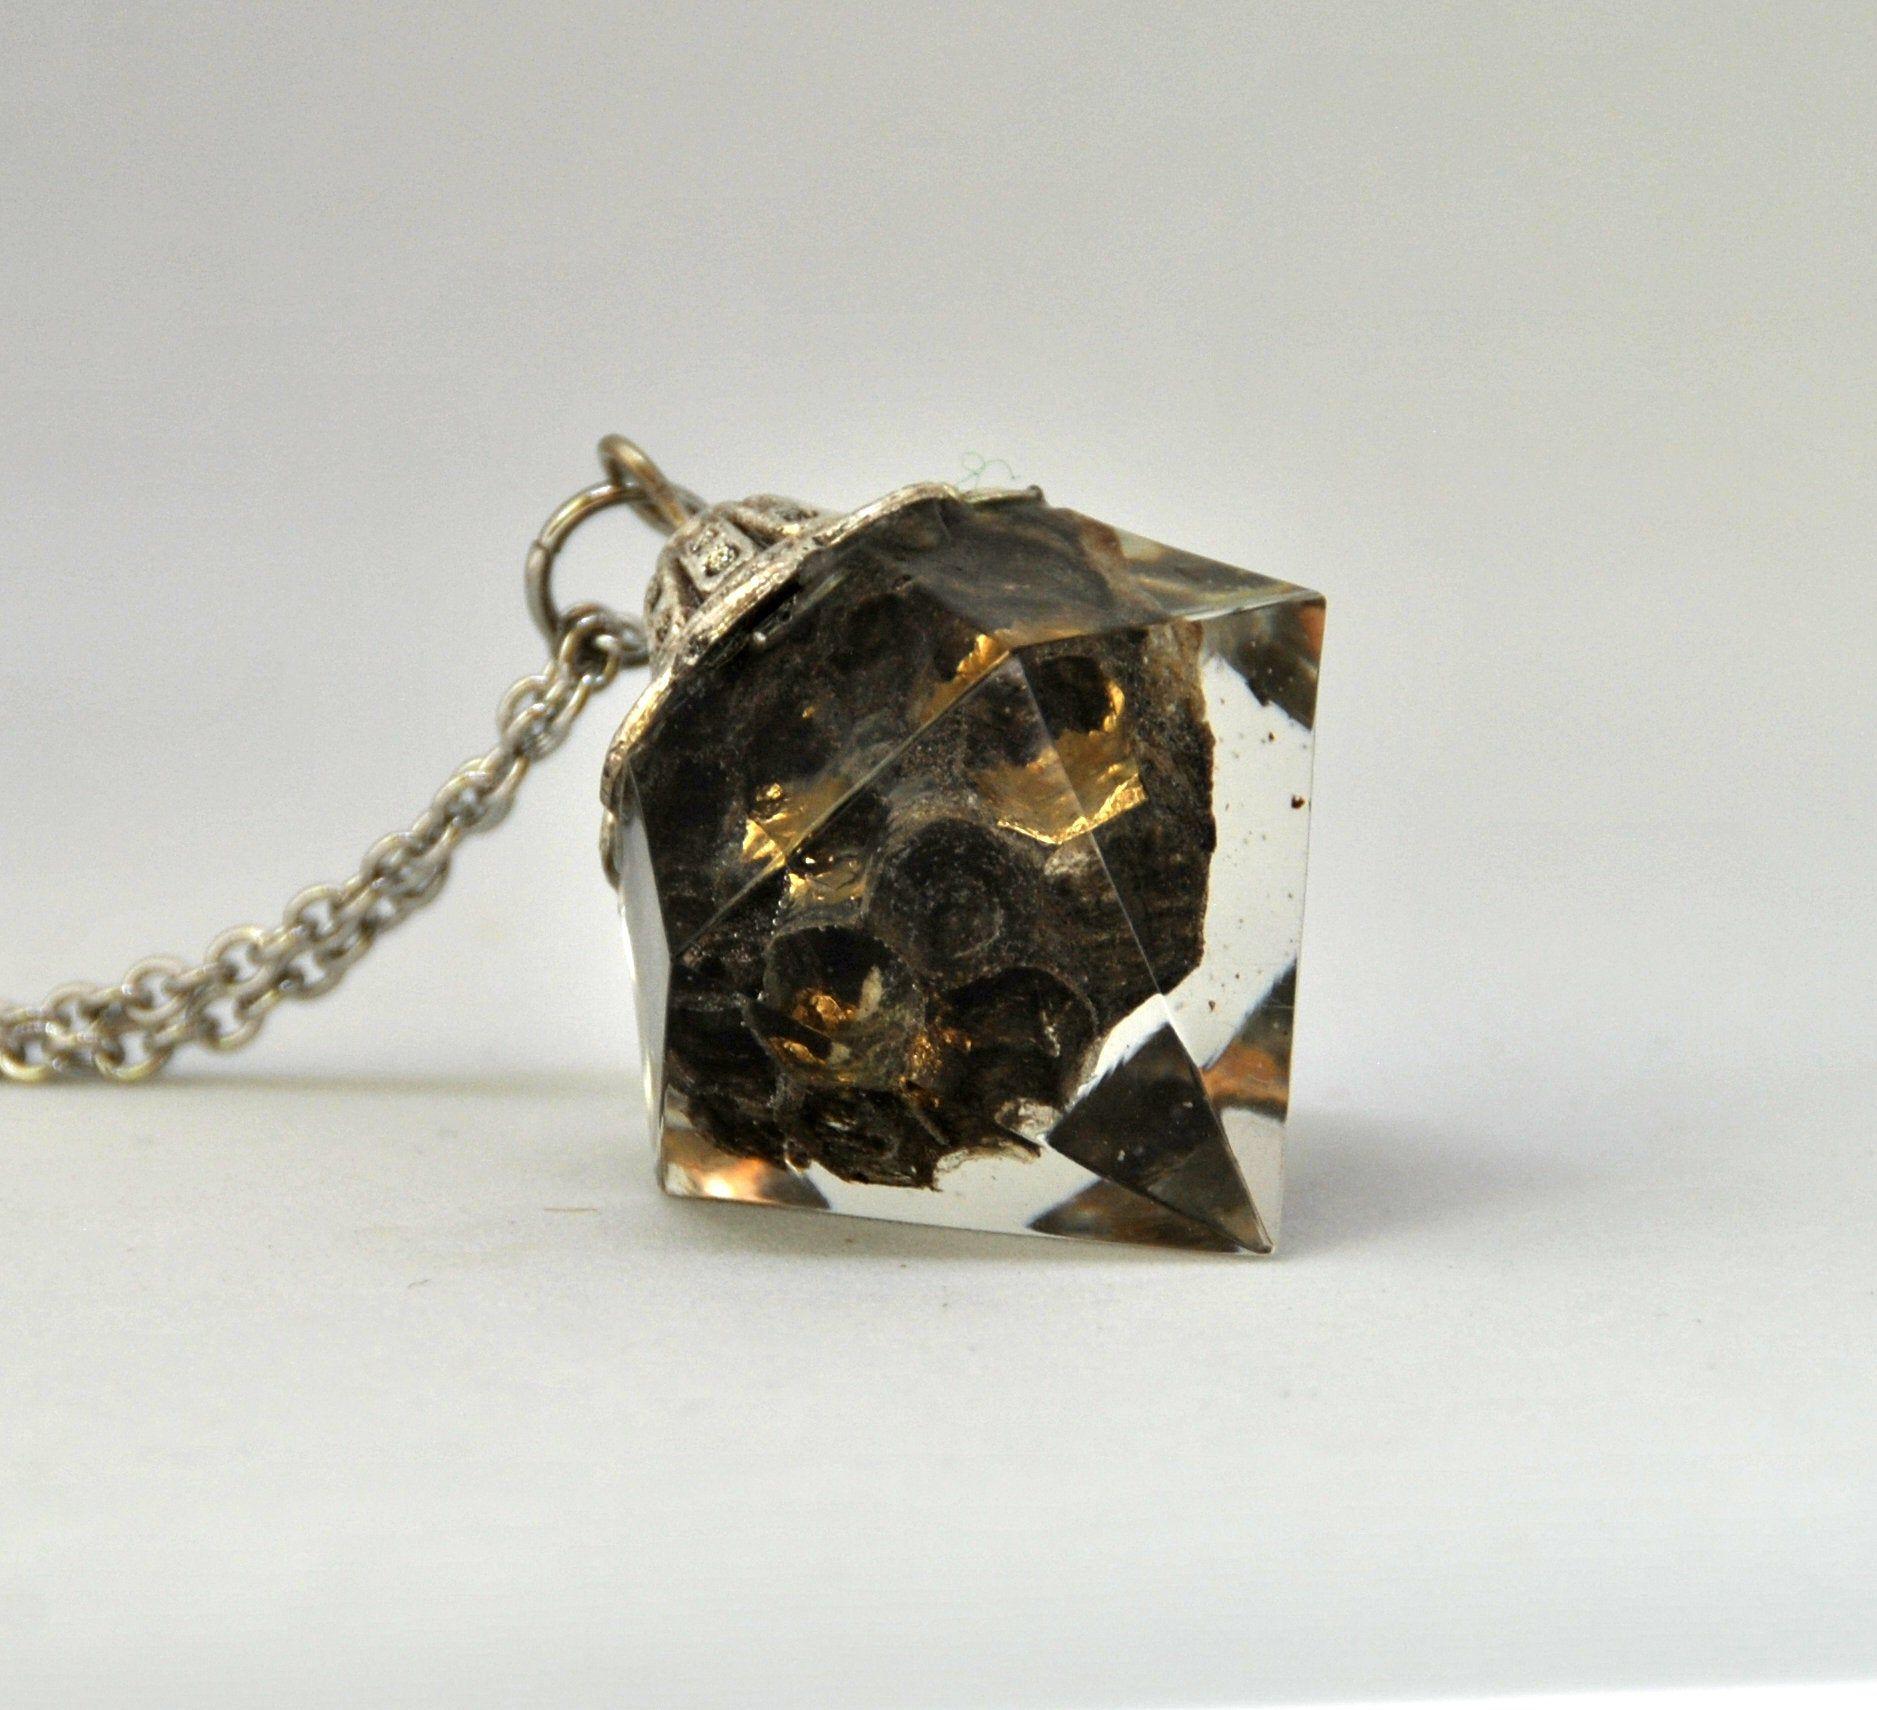 Collana natura, alveare di vespe incluso nella resina, forma diamante, sfoglie oro Un alveare abbandonato diventa un bellissimo gioiello